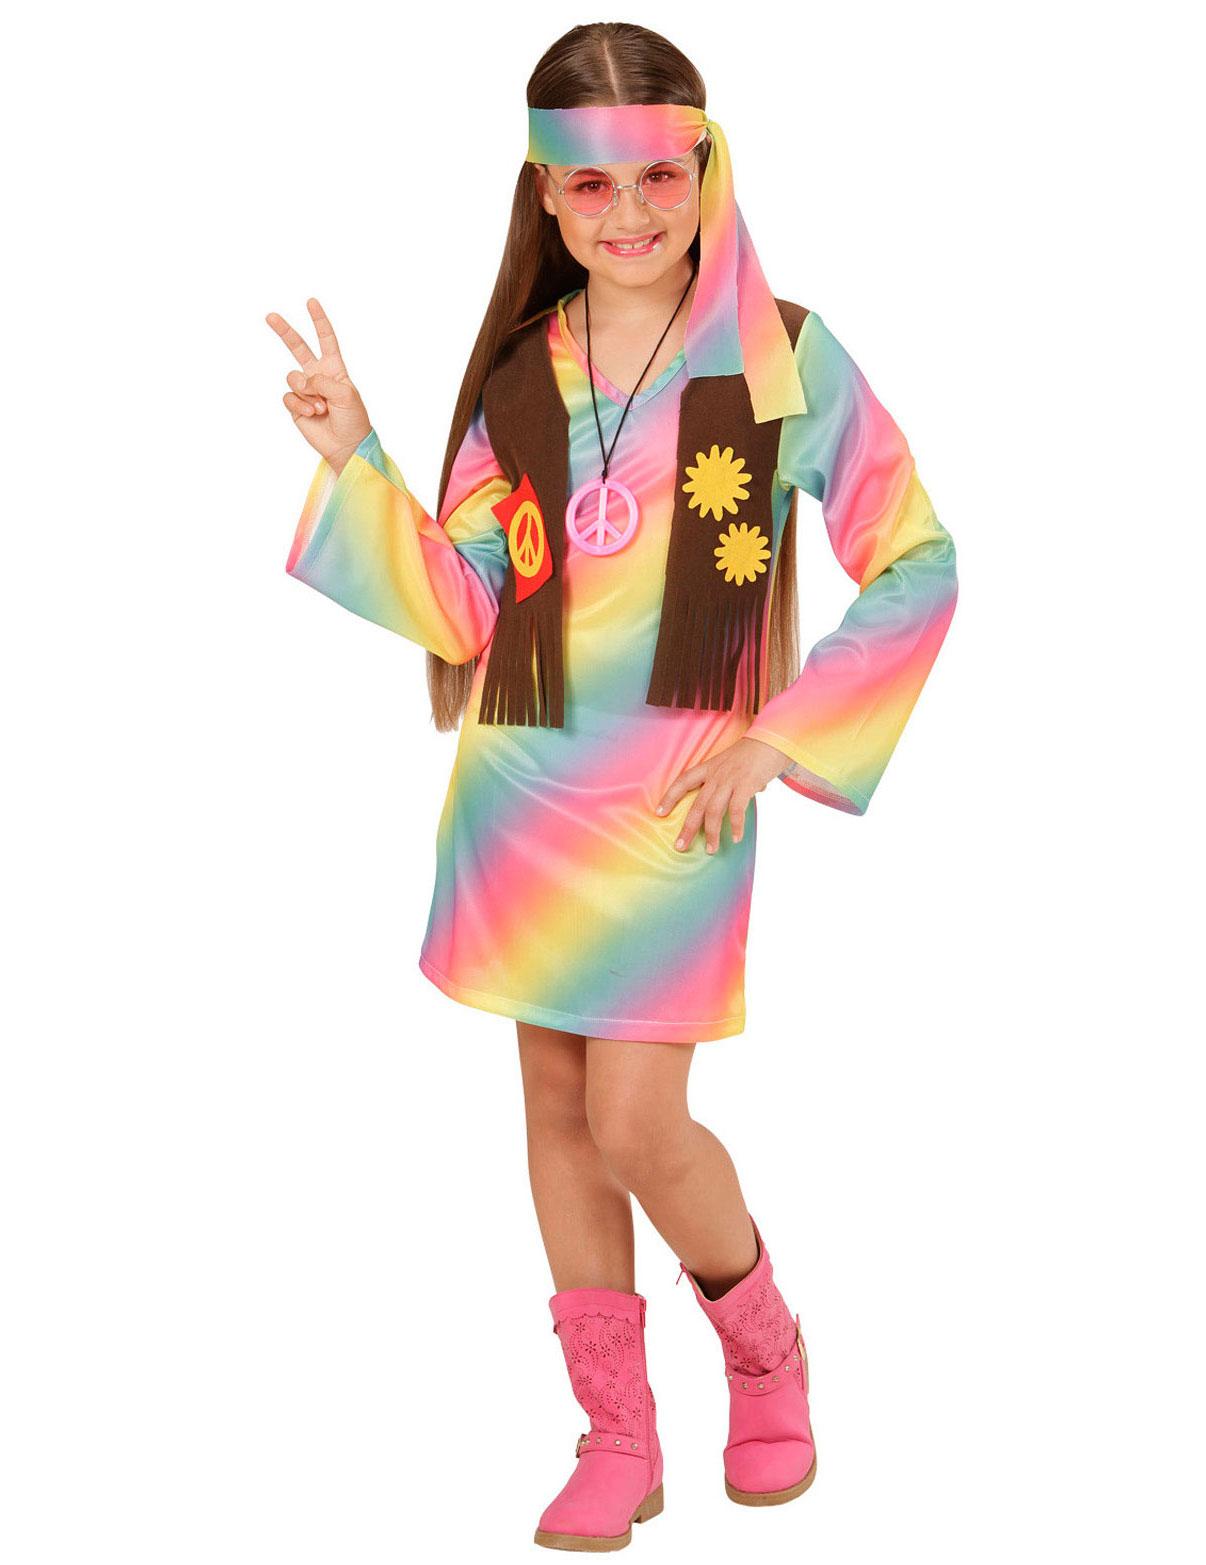 Costume da Hippie colori pastello per bambina  Costumi bambini 9570b48e95d